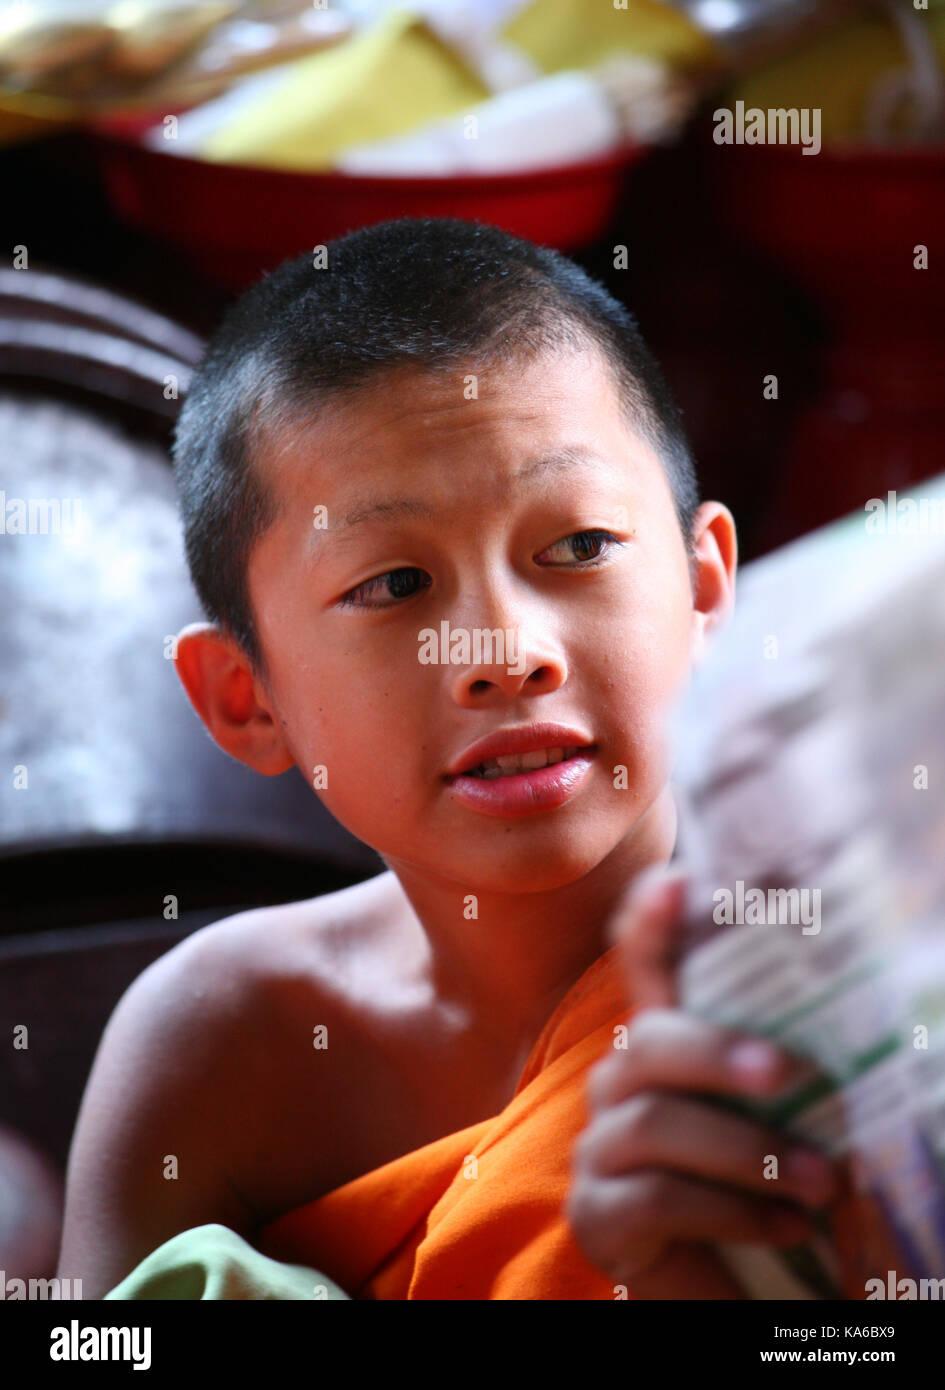 La vita quotidiana in un monastero buddista. Closeup ritratto di un po' di sorridente ragazzo - Monaco buddista Immagini Stock